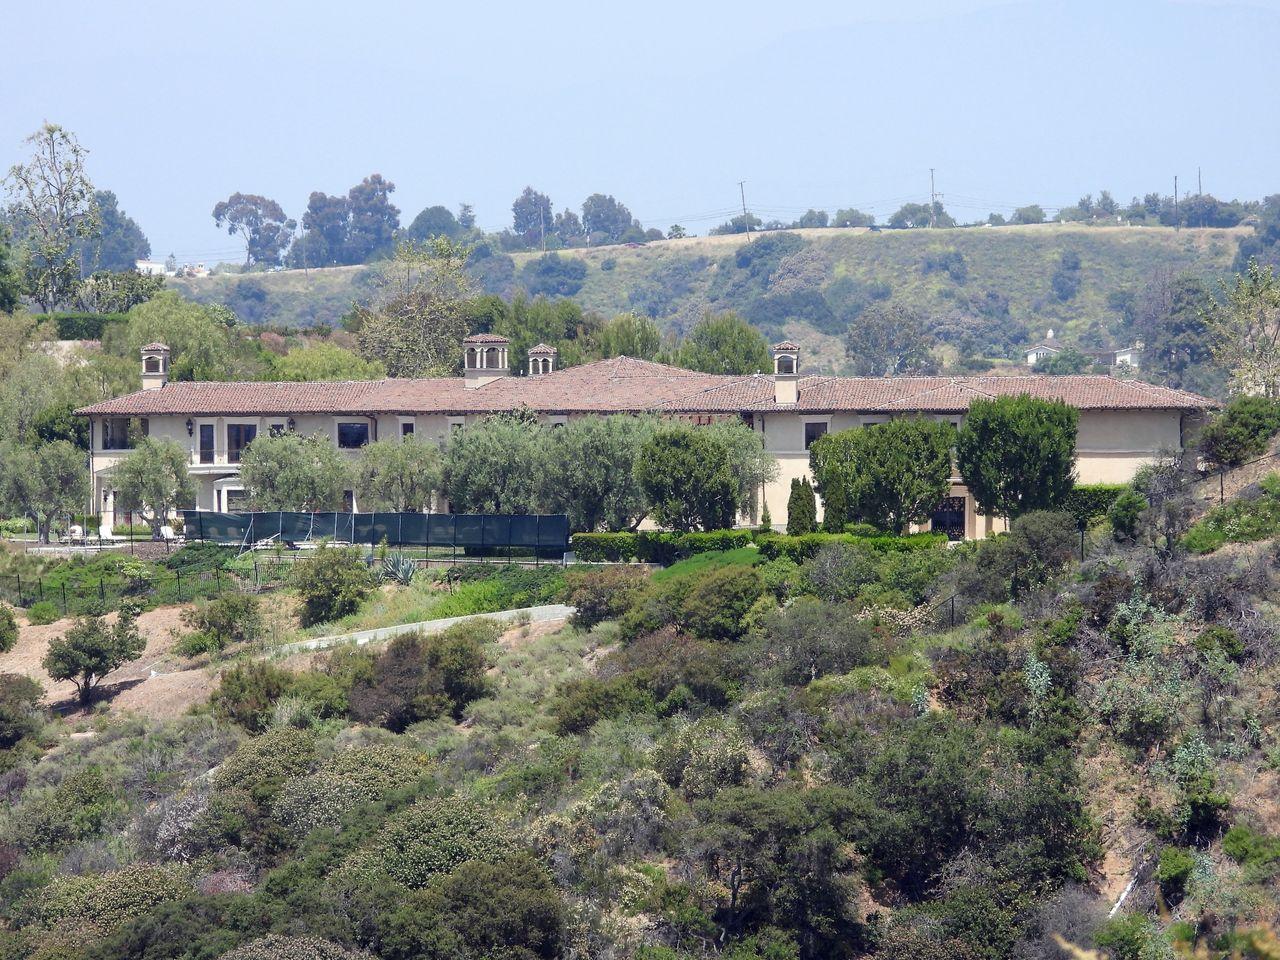 Posiadłość w Beverly Hills, w której zamieszkali Meghan Markle i Harry